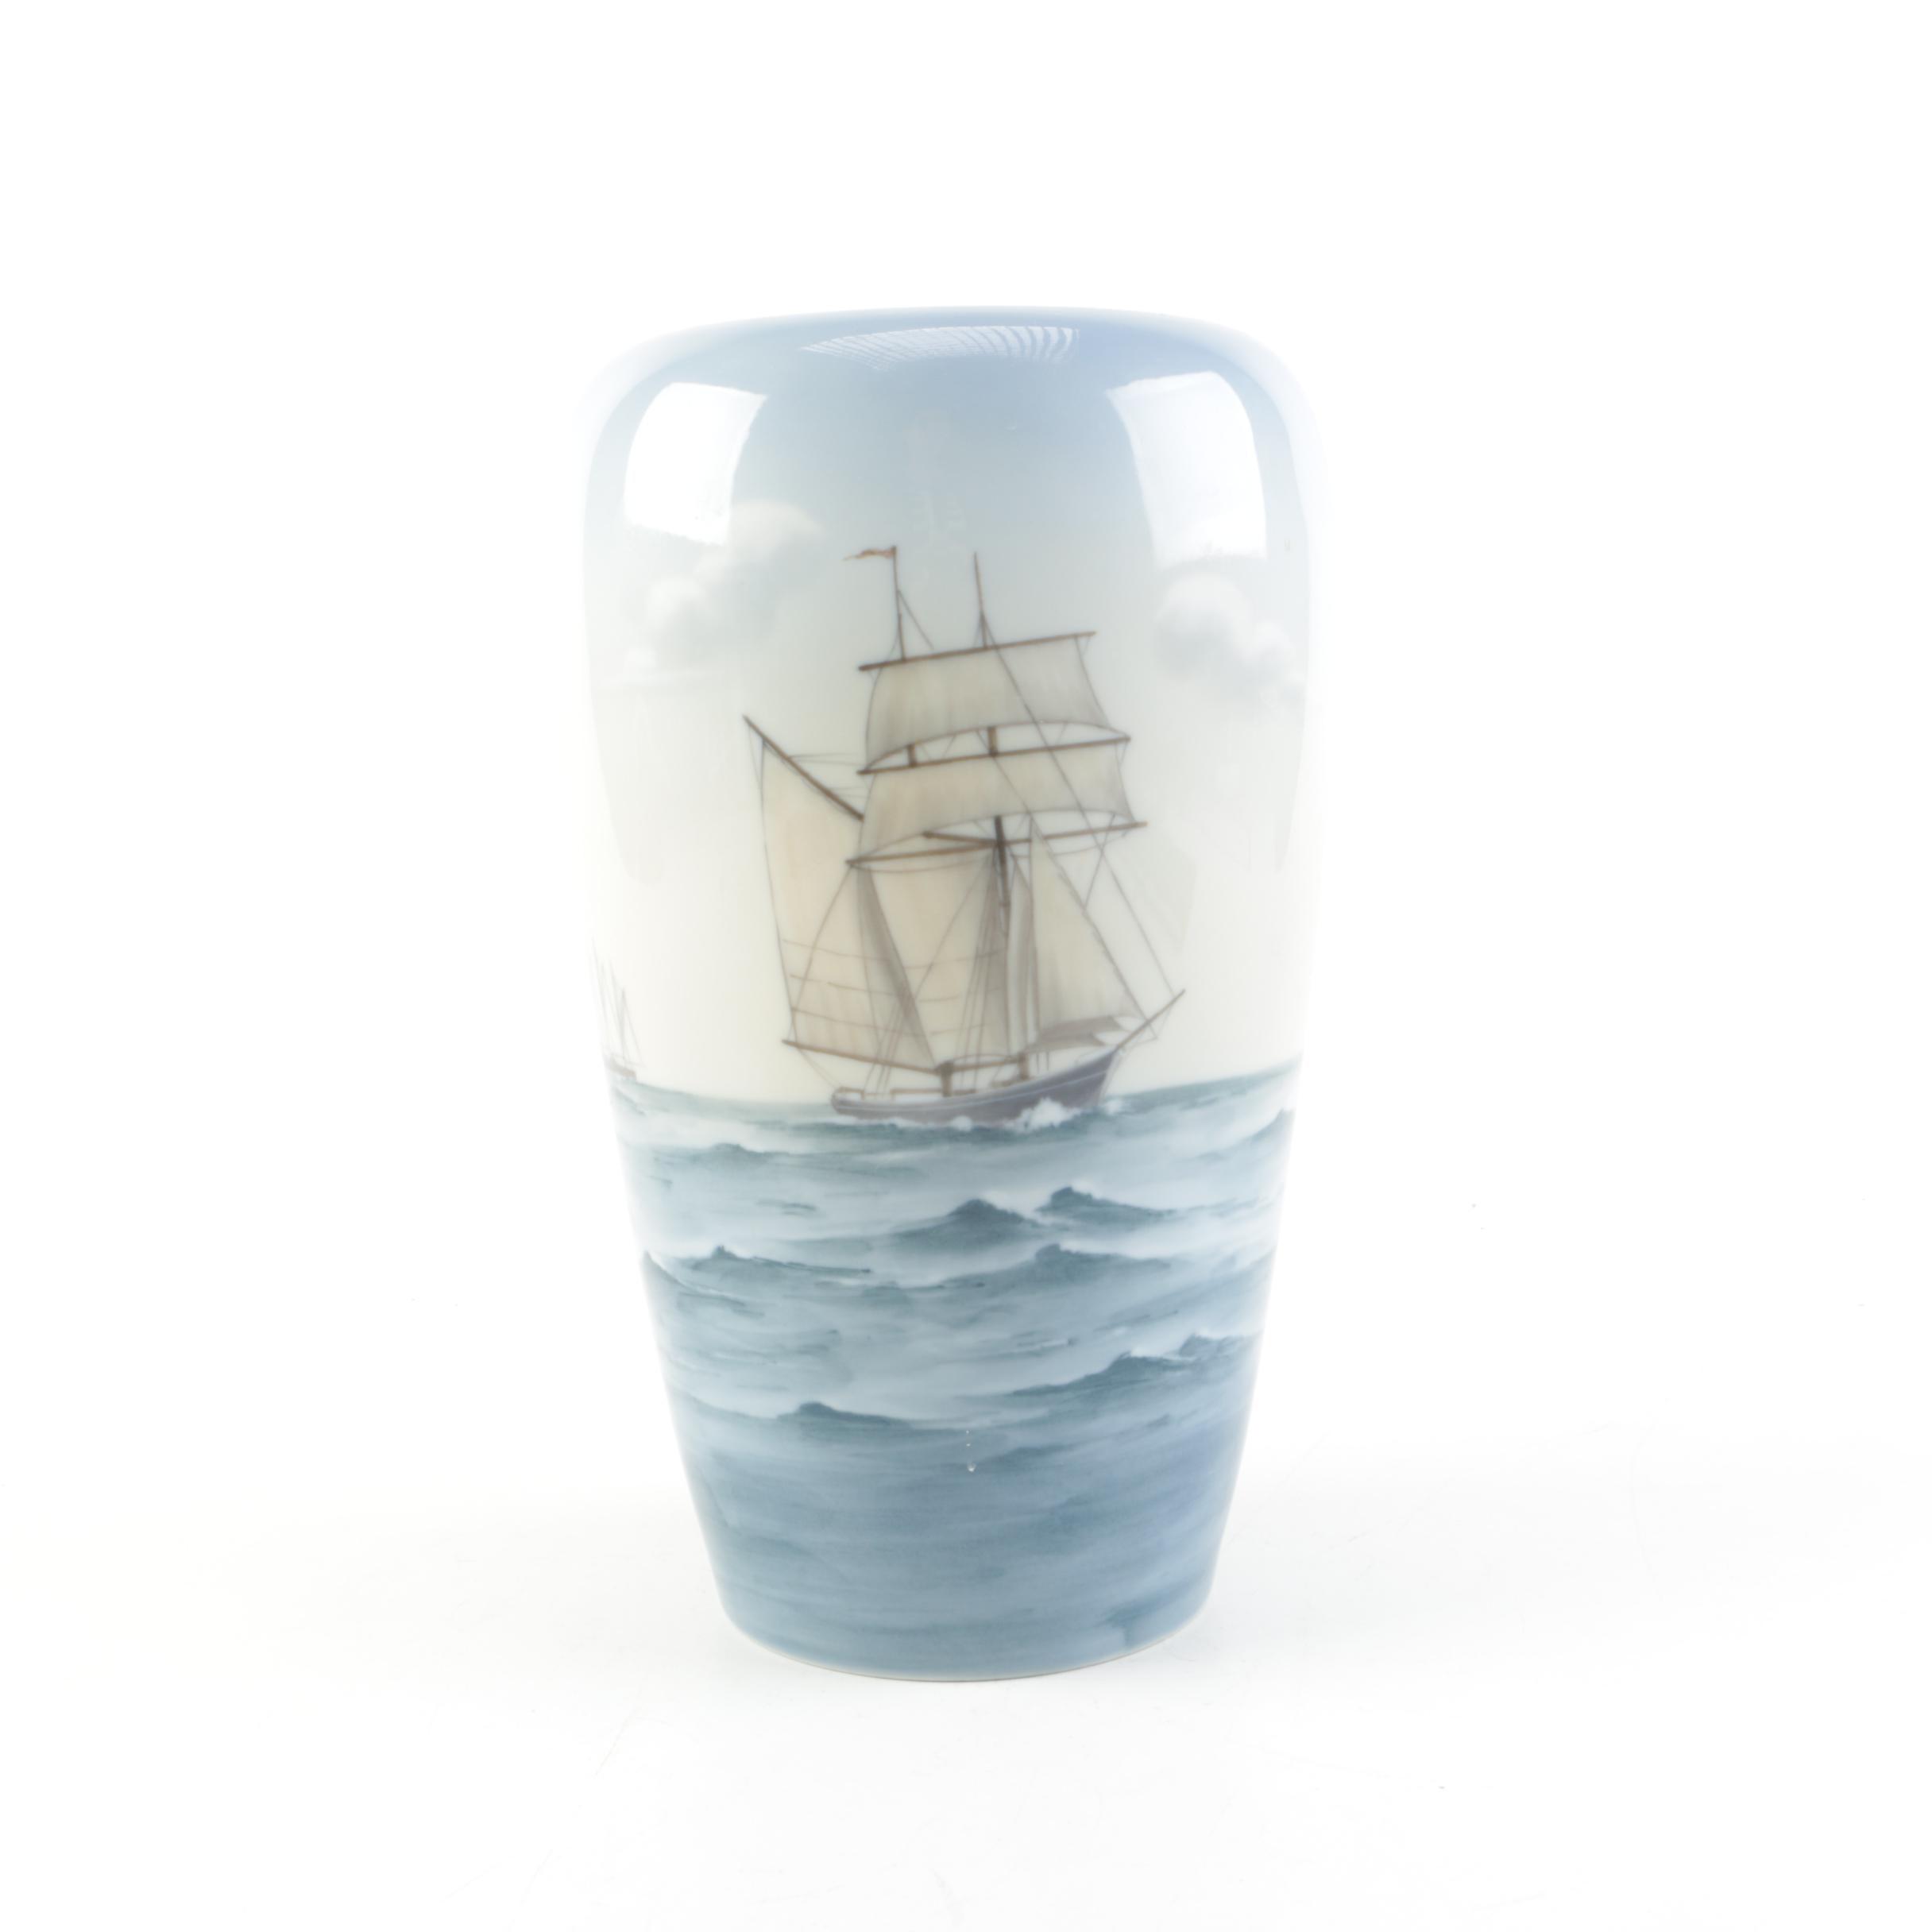 Big and Grøndahl Porcelain Sailing Ships Vase